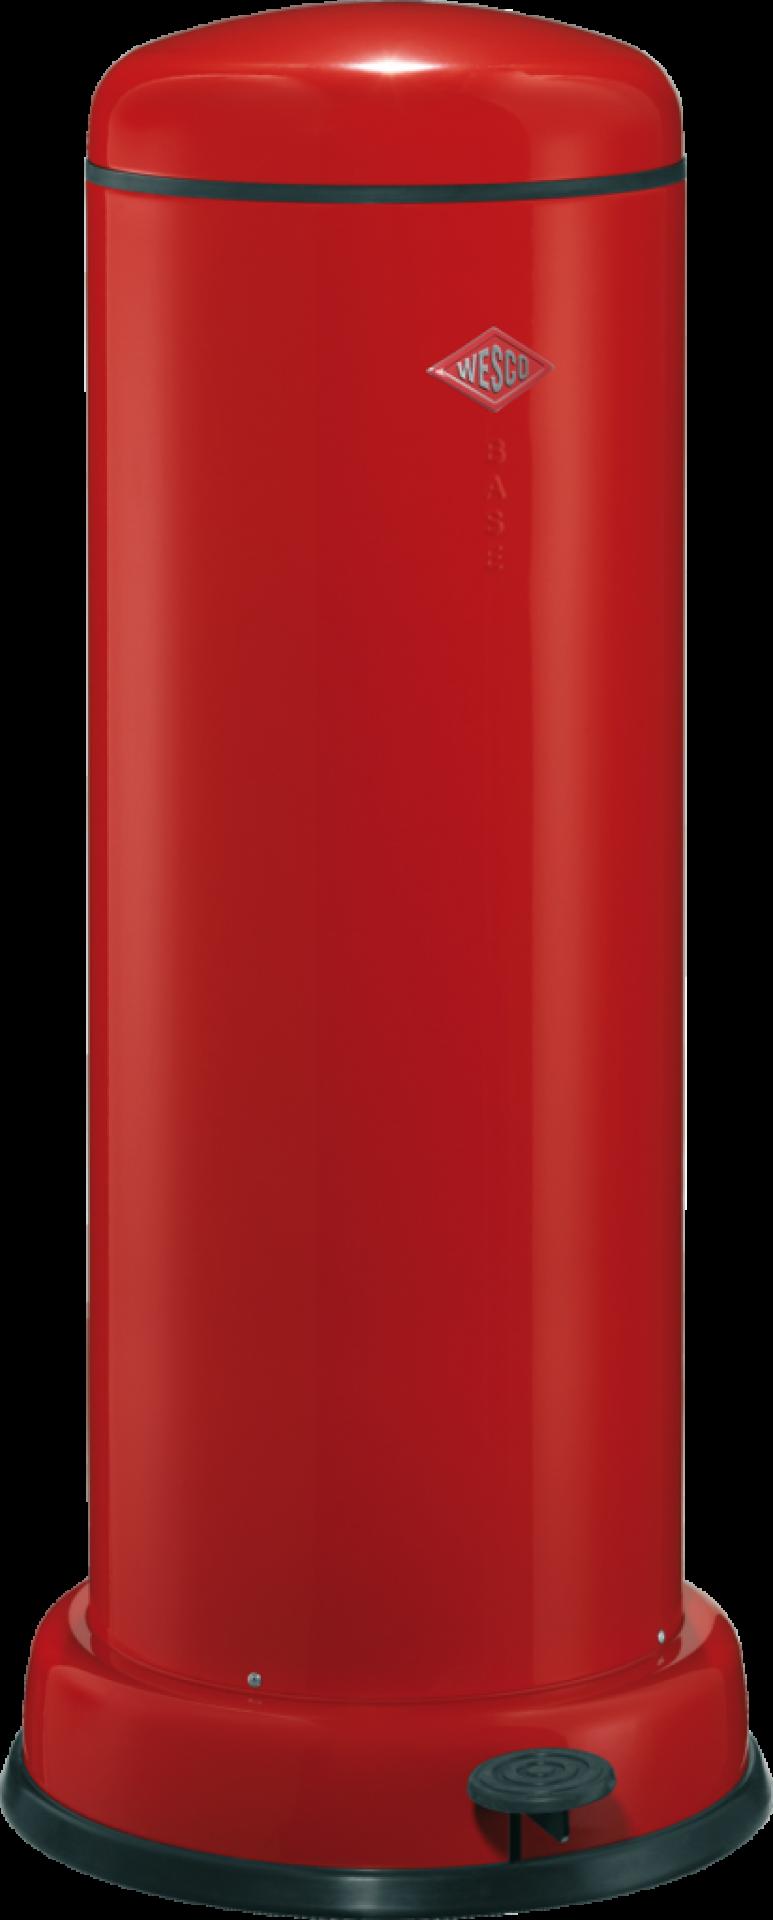 Baseboy 30 liter garbage can Wesco